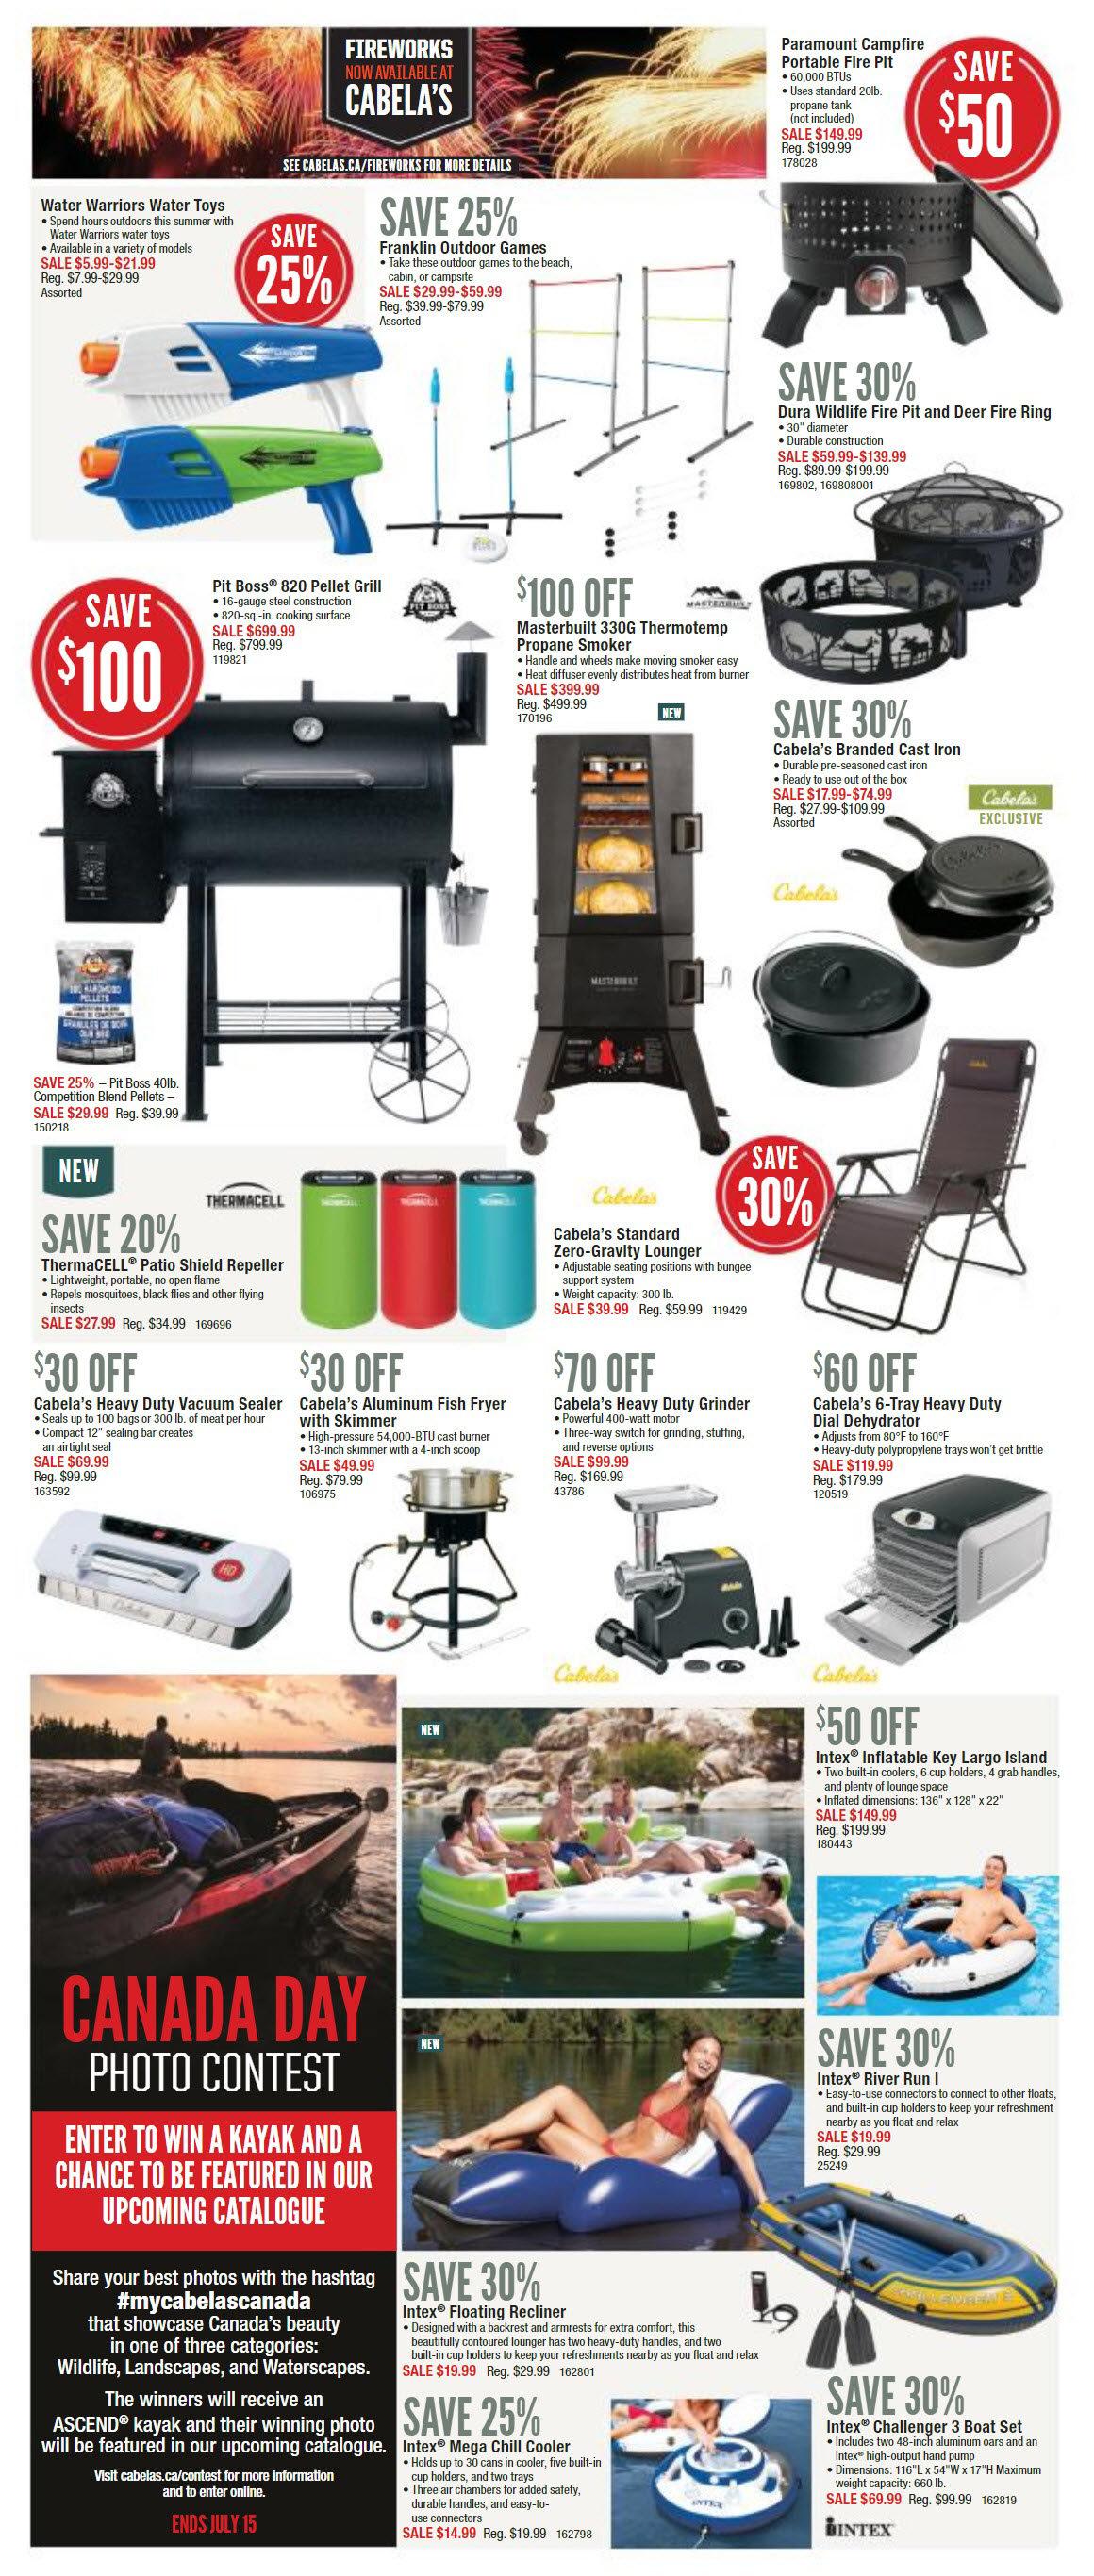 Cabelas Weekly Flyer - Canada Day - Jun 21 – Jul 2